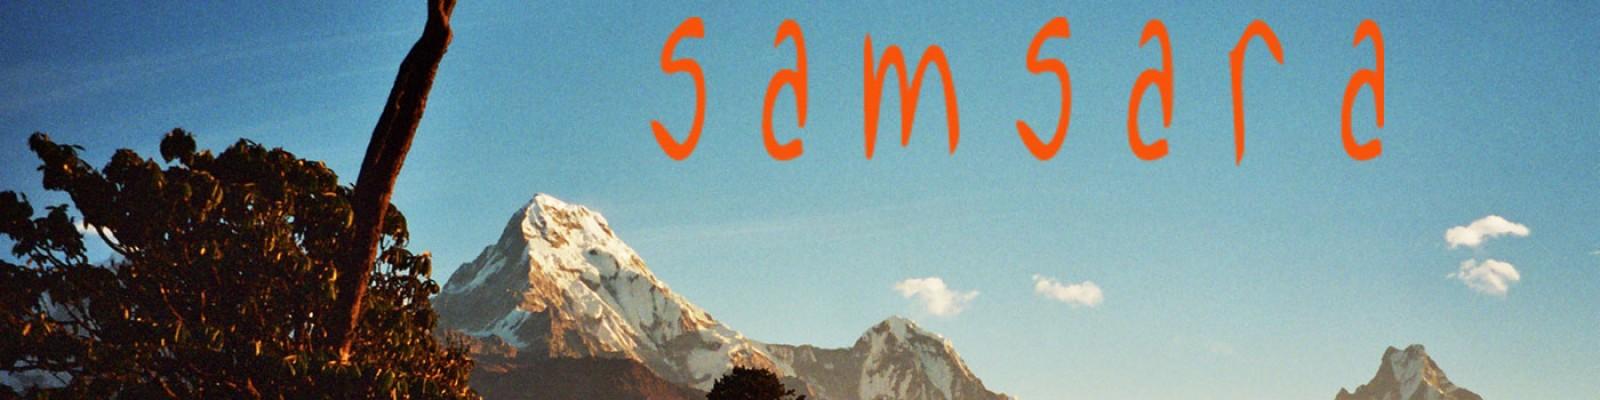 Samsara Header Image